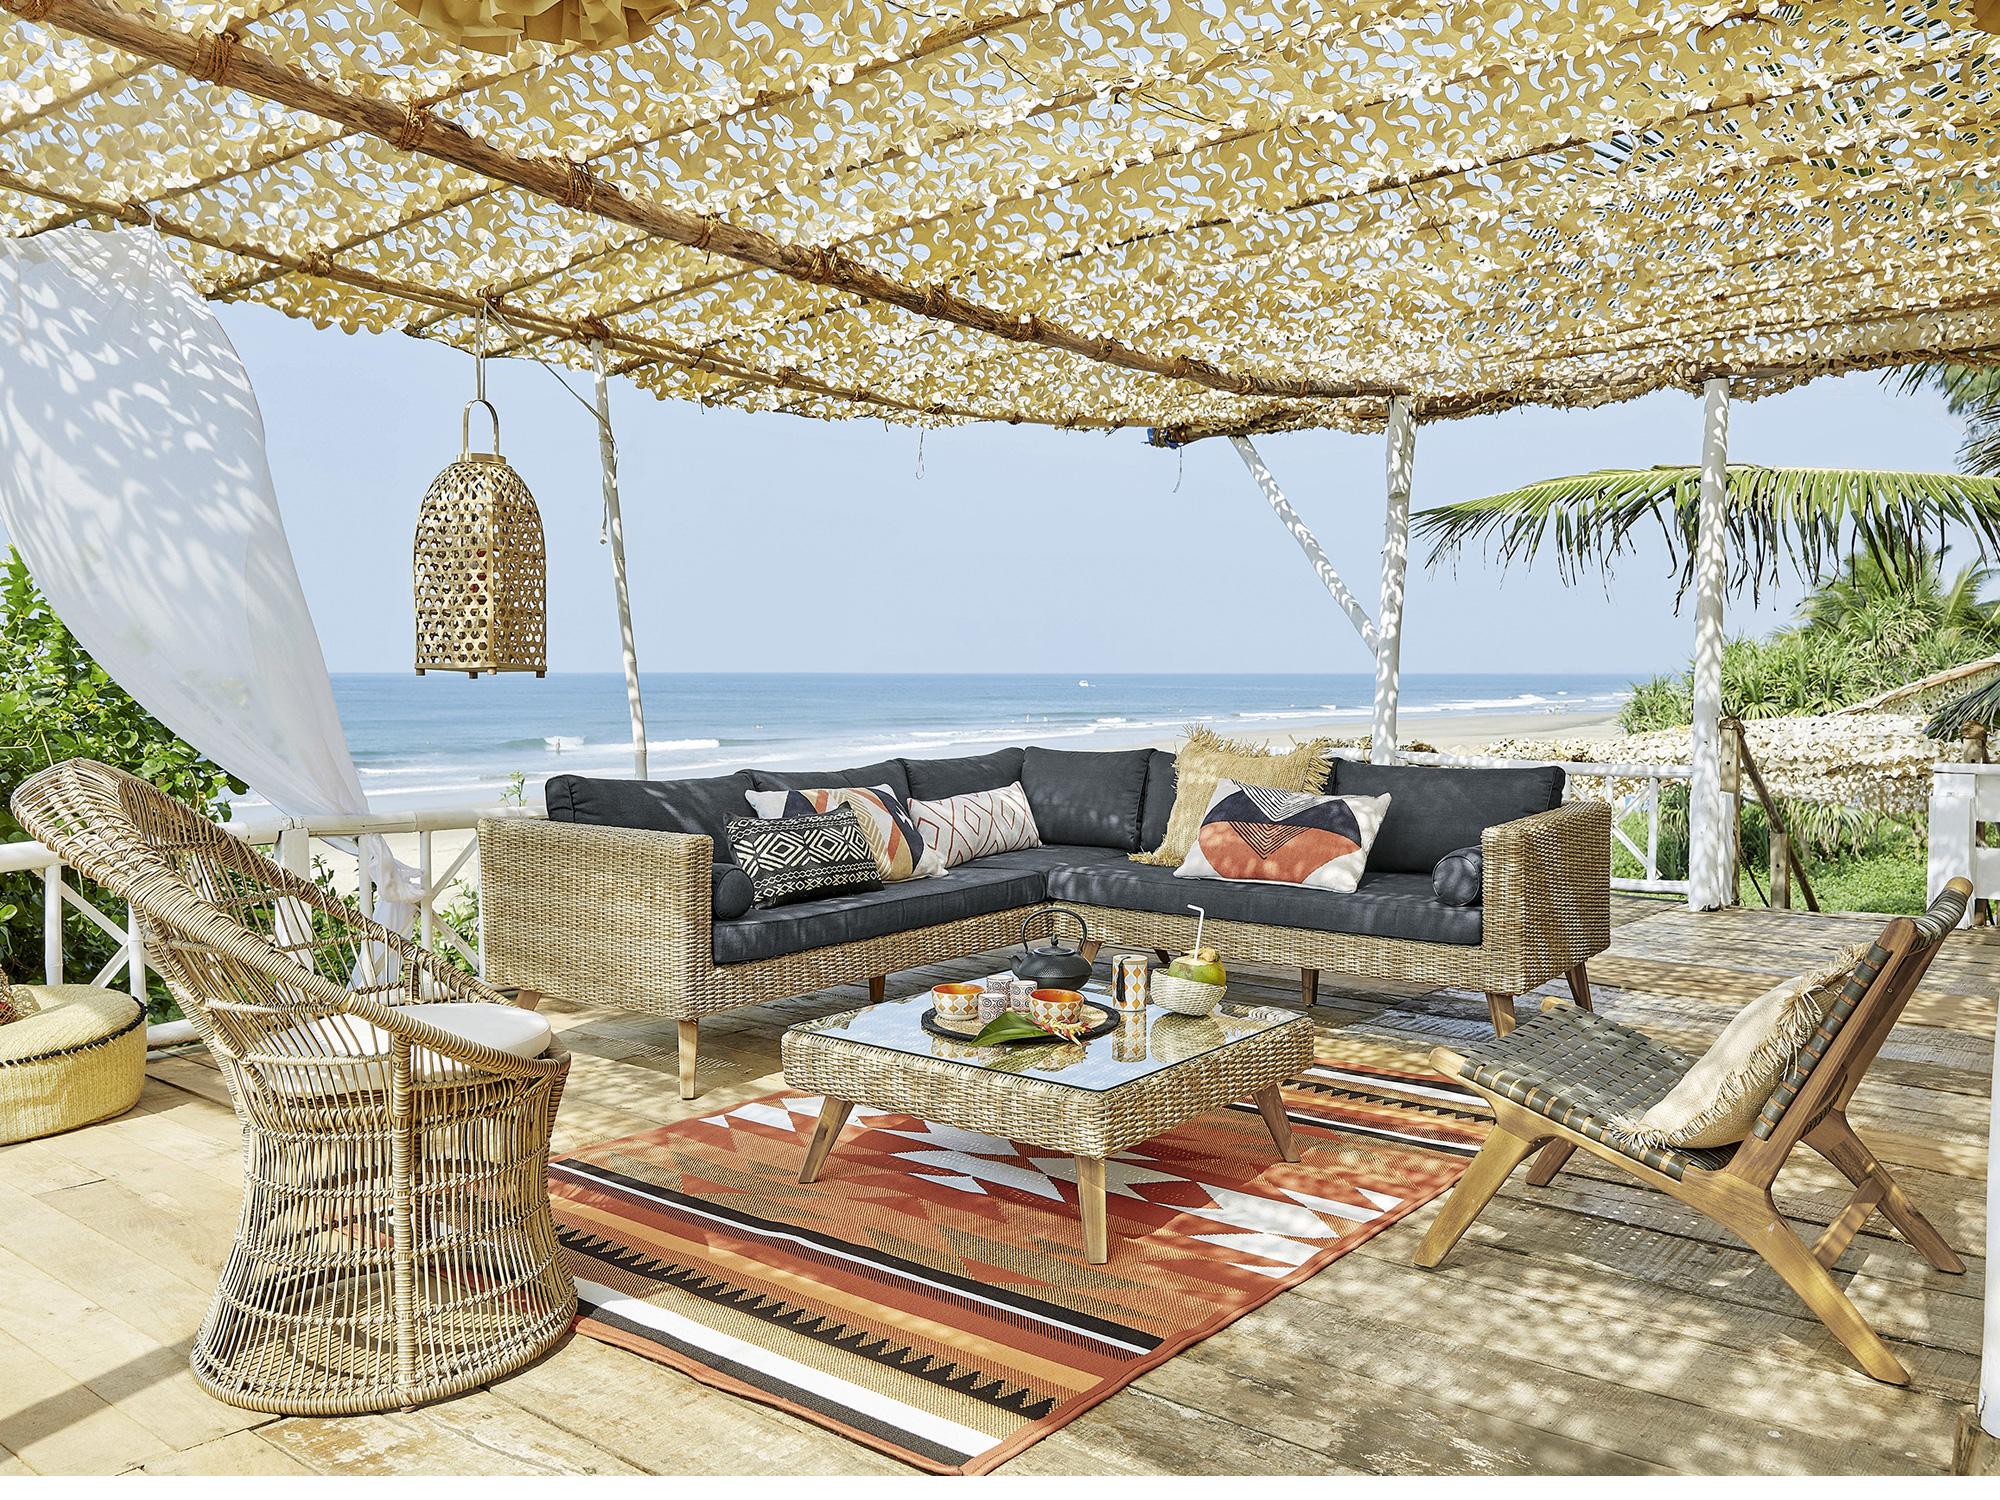 garden party les essentiels moins de 30 euros d co id es. Black Bedroom Furniture Sets. Home Design Ideas